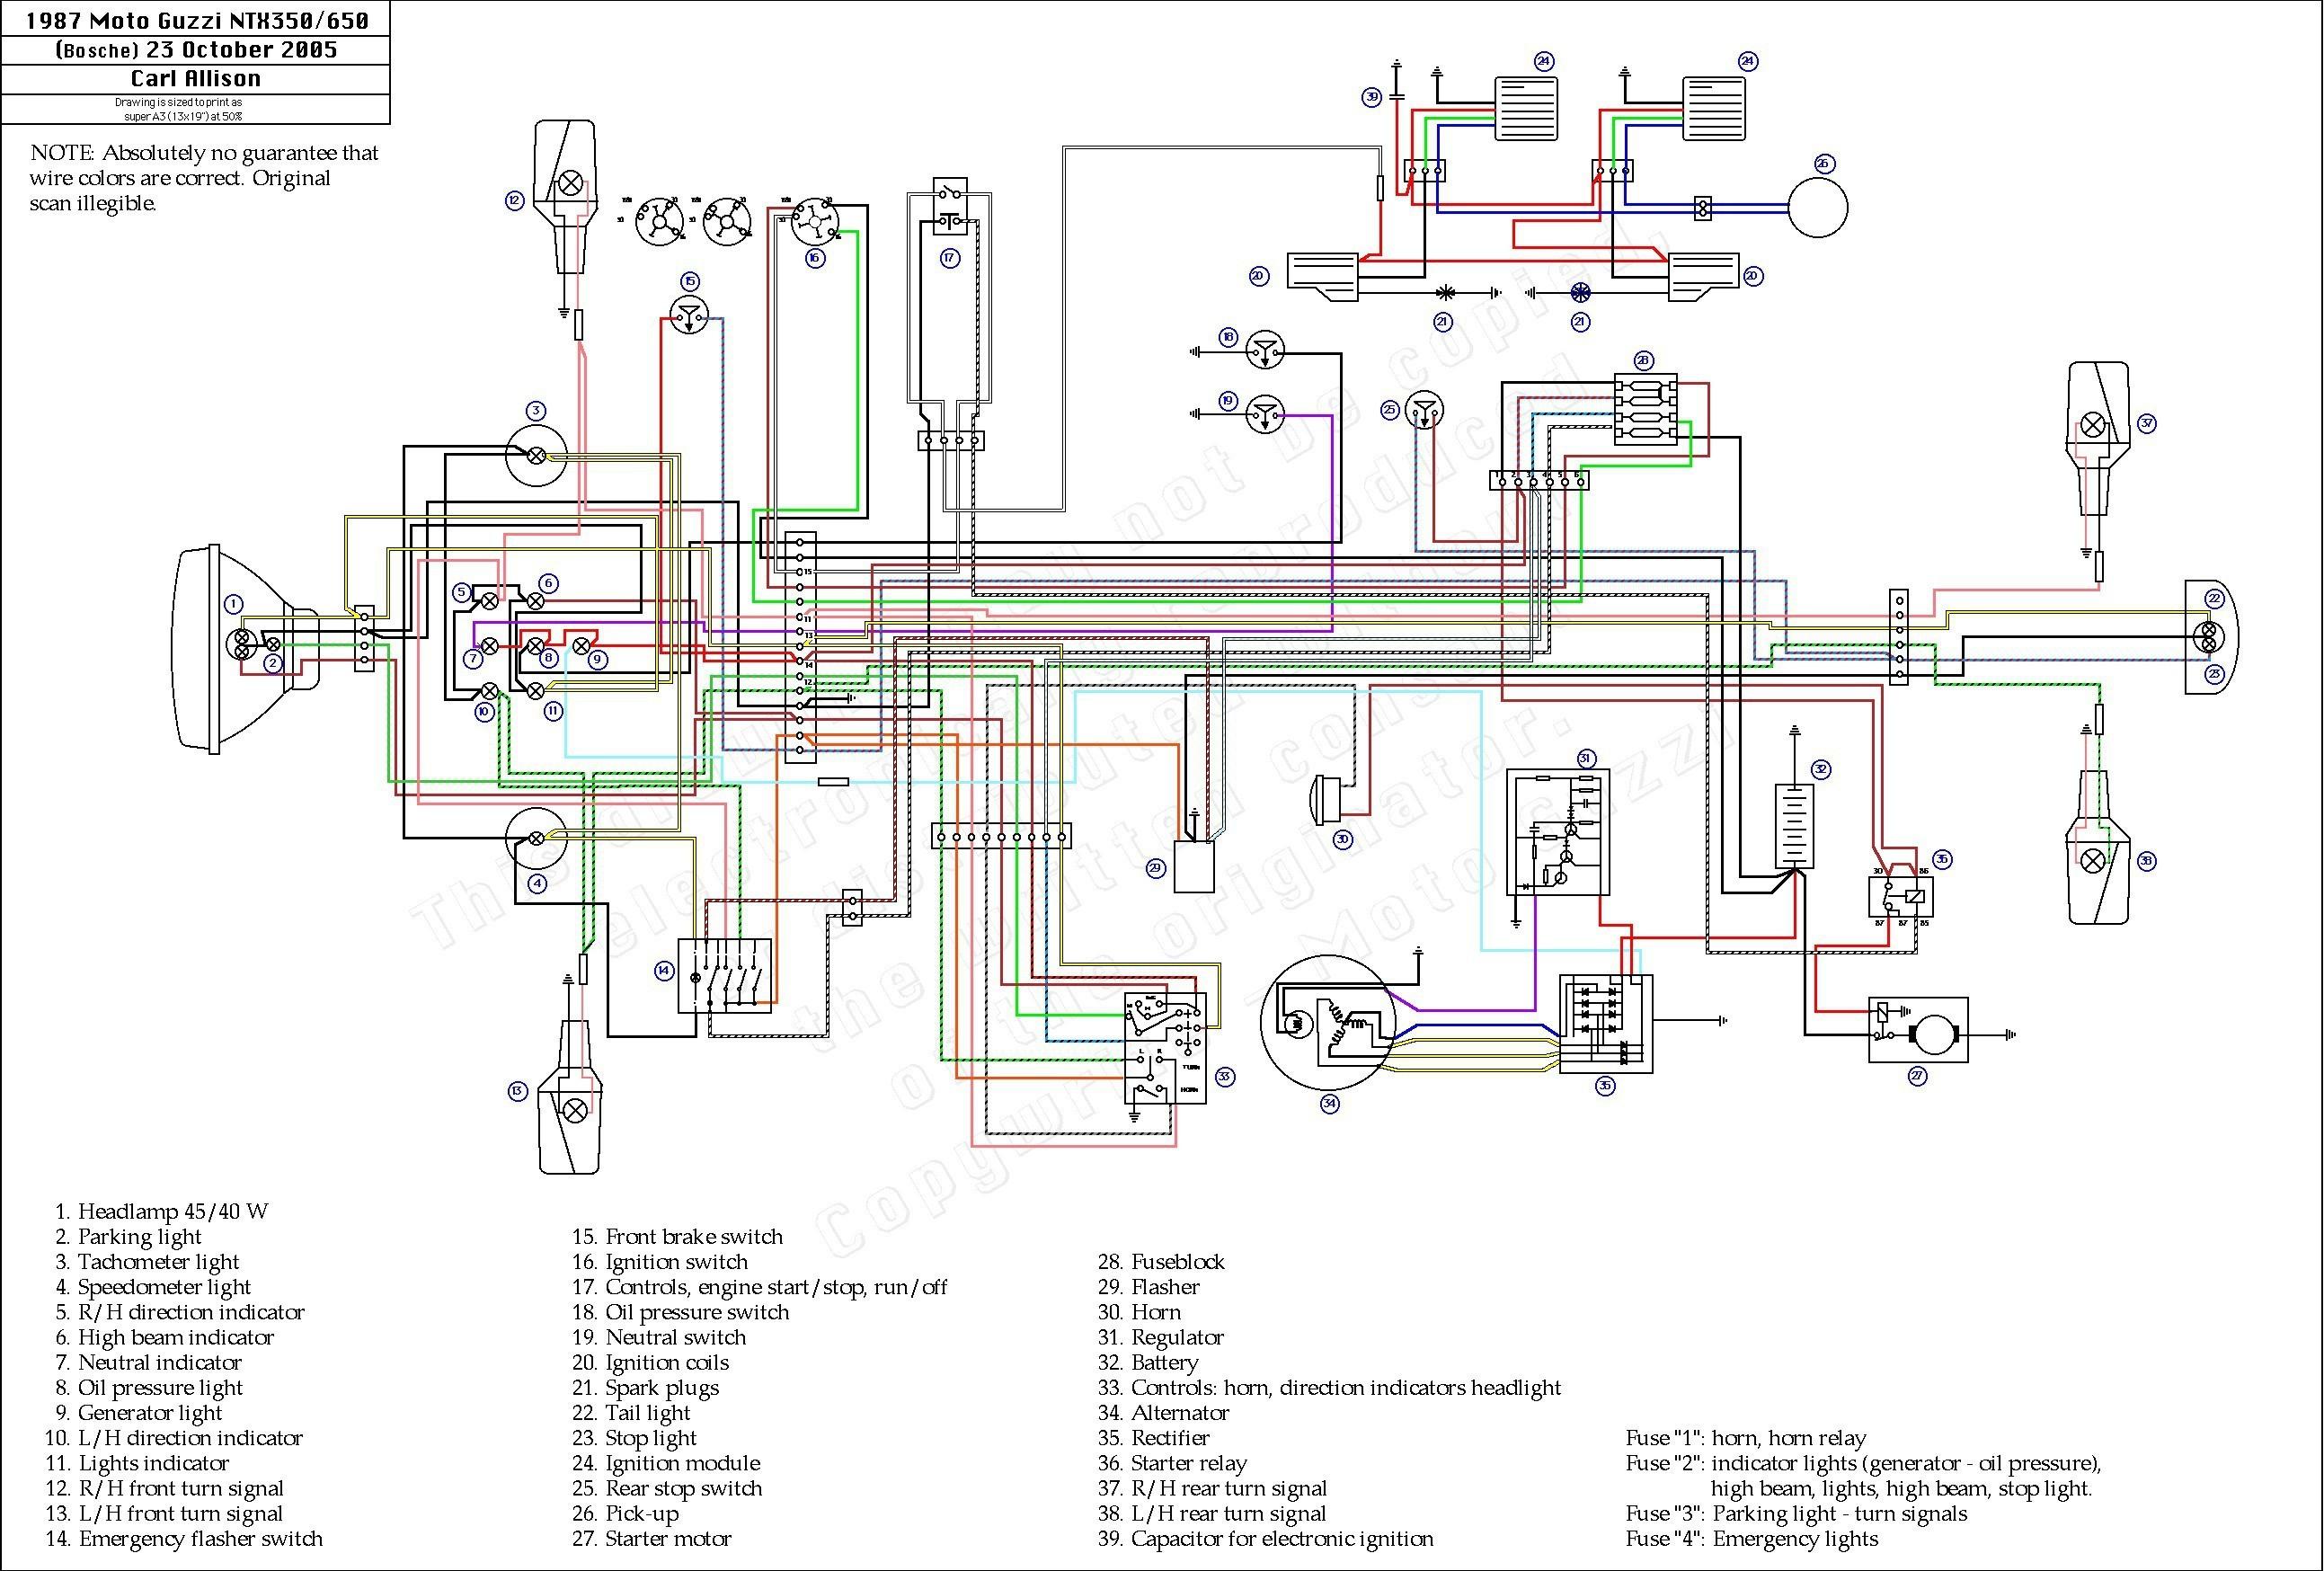 sundiro atv wiring diagram wiring diagram scooter wiring diagram atv wiring schematics schema wiring diagramodes atv 250 wiring diagram wiring diagram data nl kawasaki atv